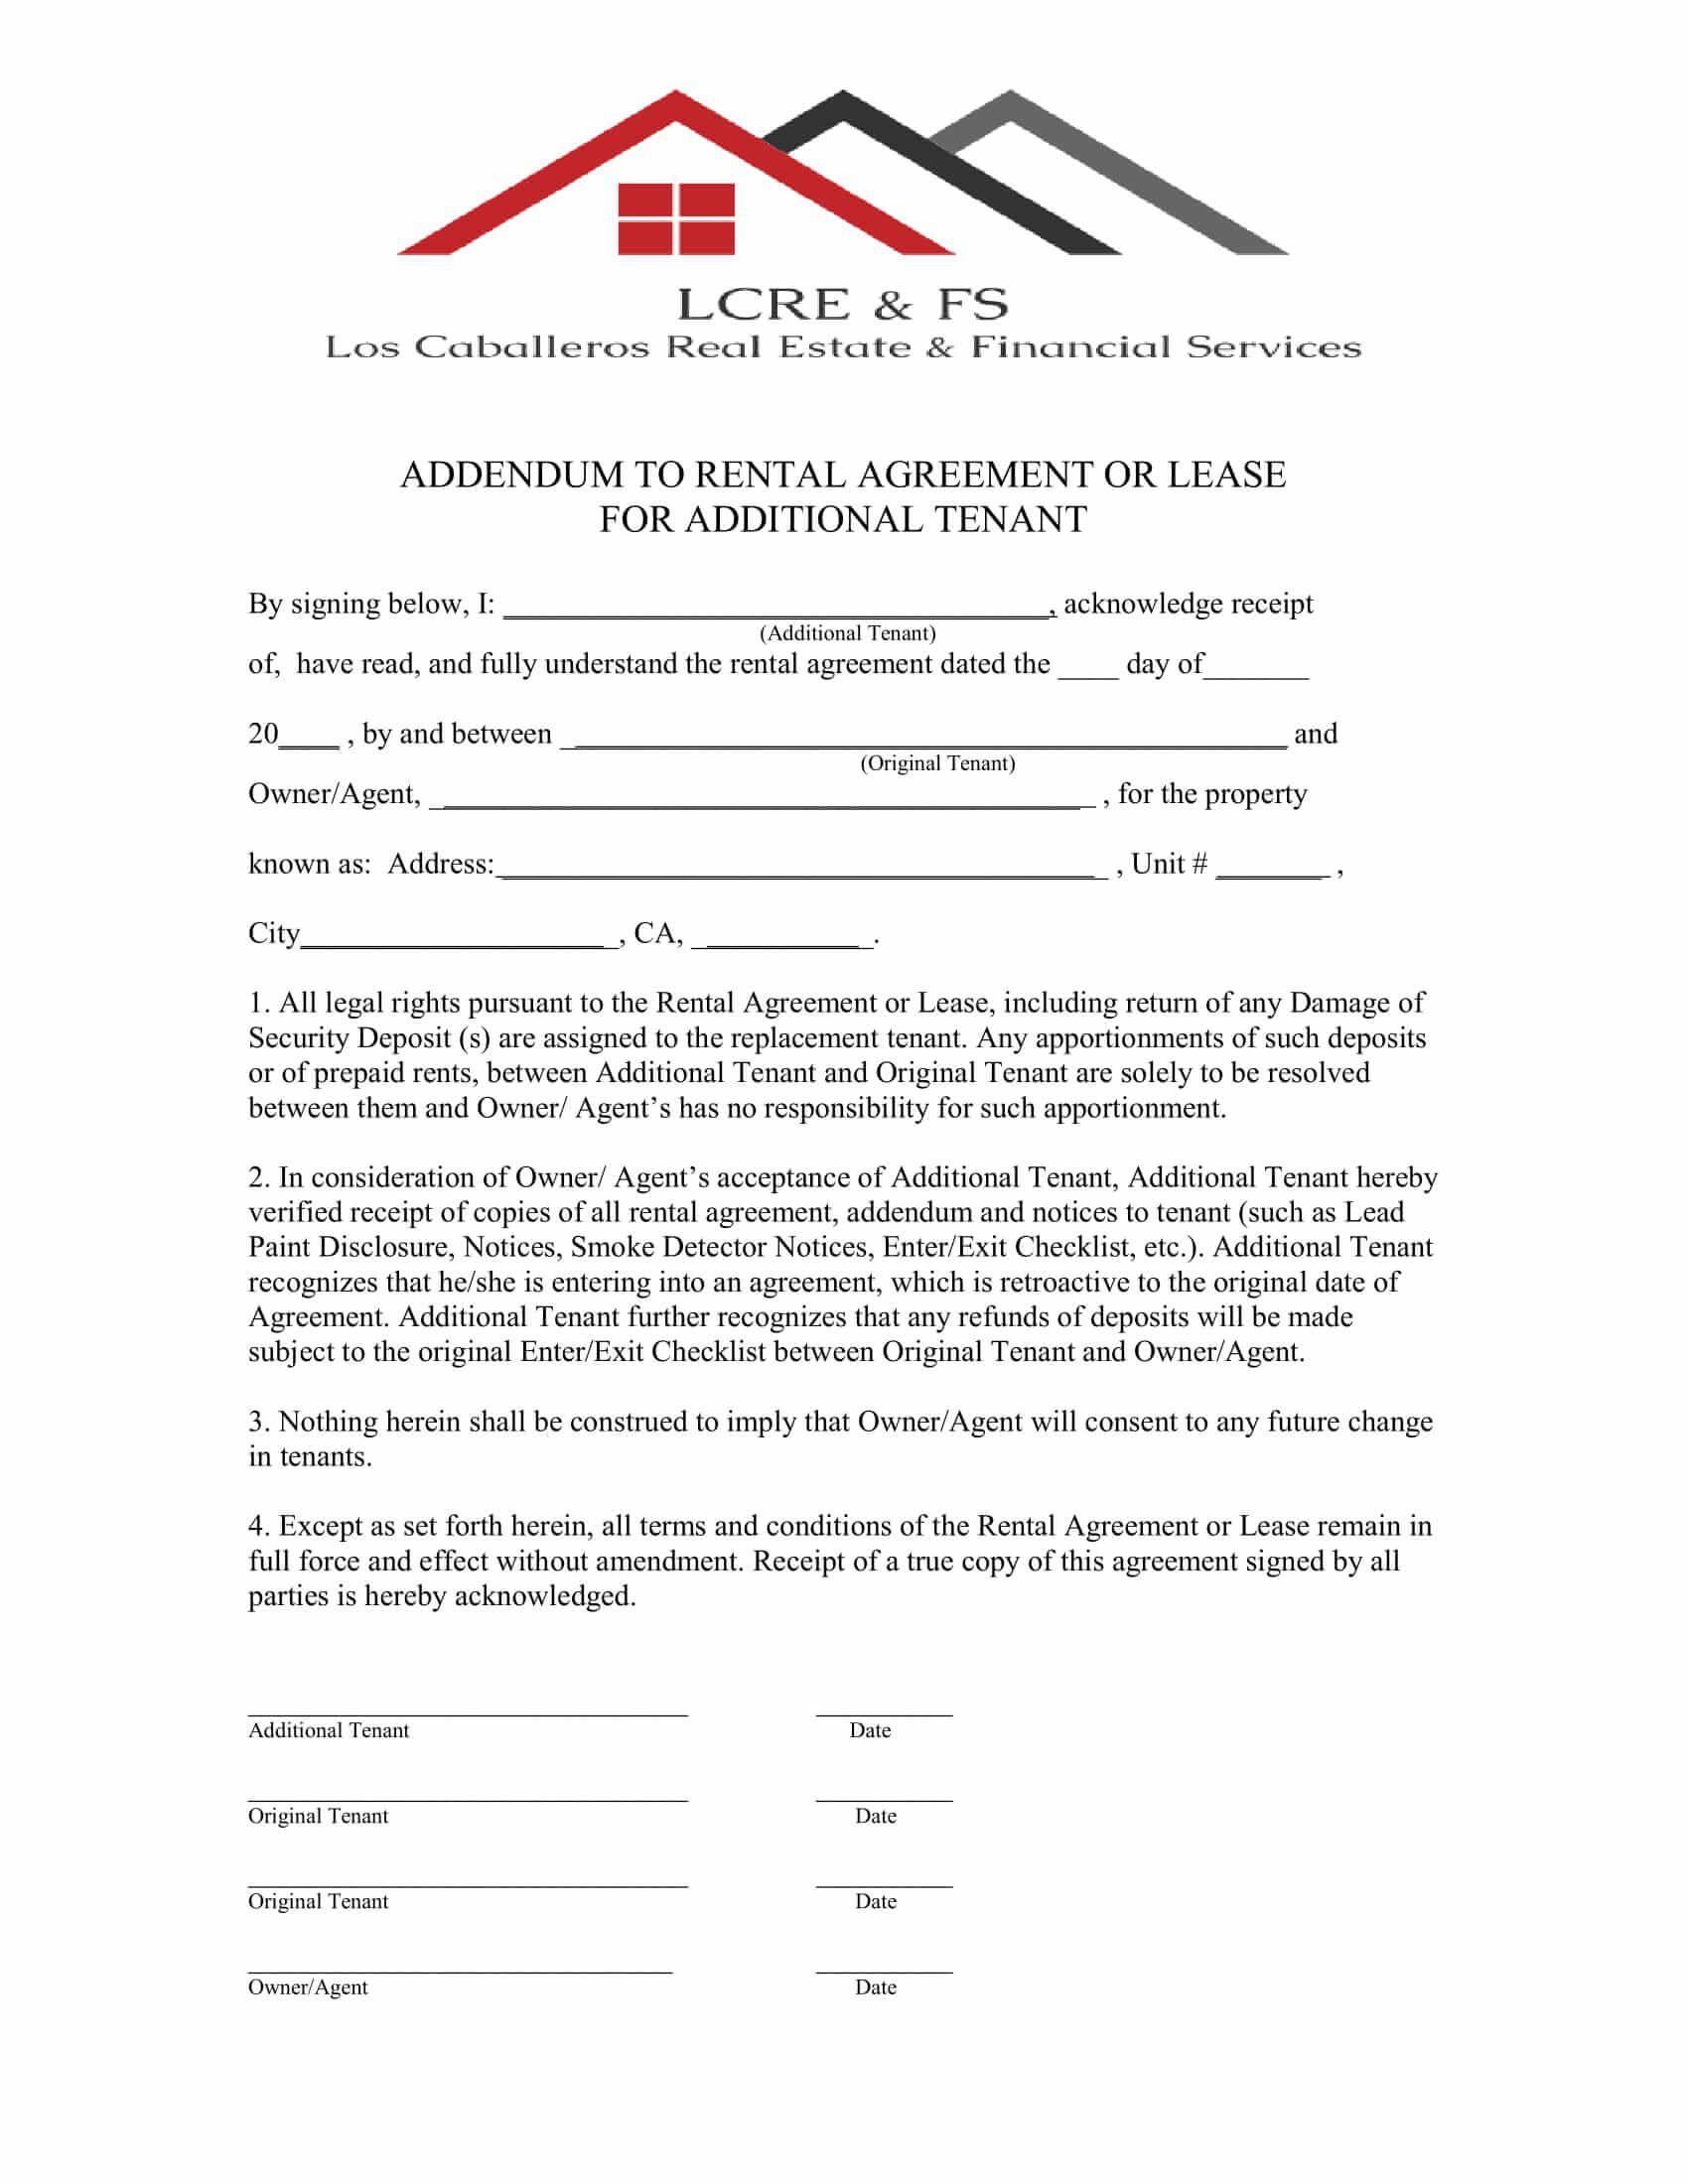 009 Singular Addendum Form For Rental Agreement Highest Quality Full